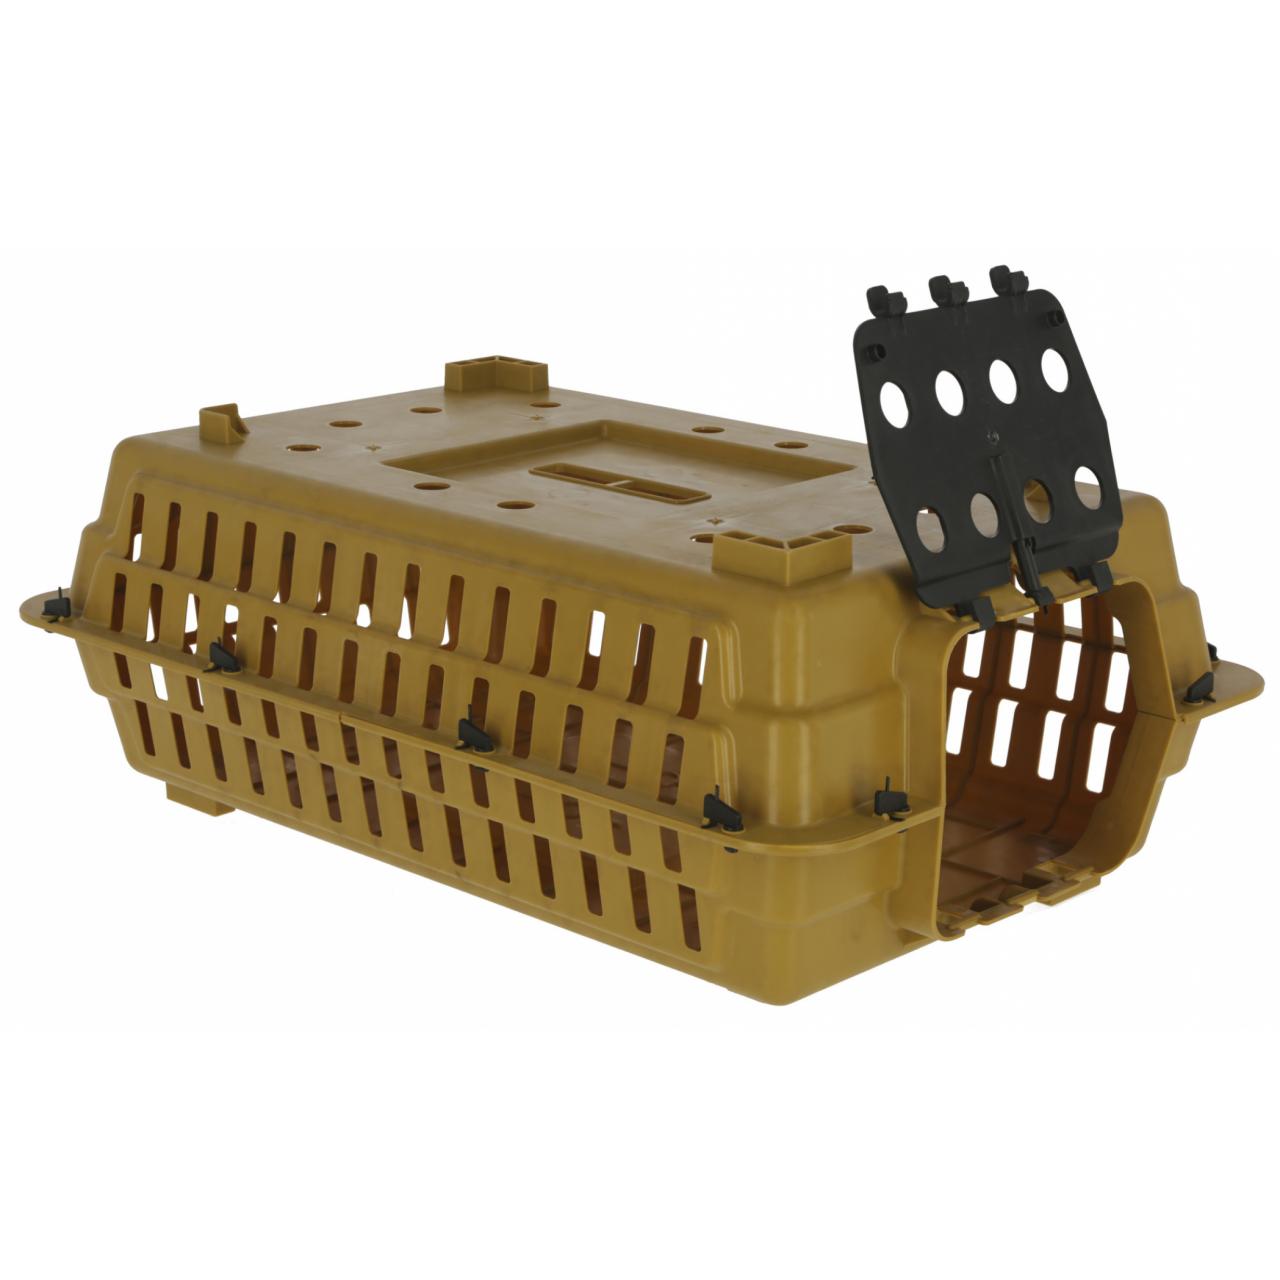 Baromfi szállítódoboz, 60x29x22 cm